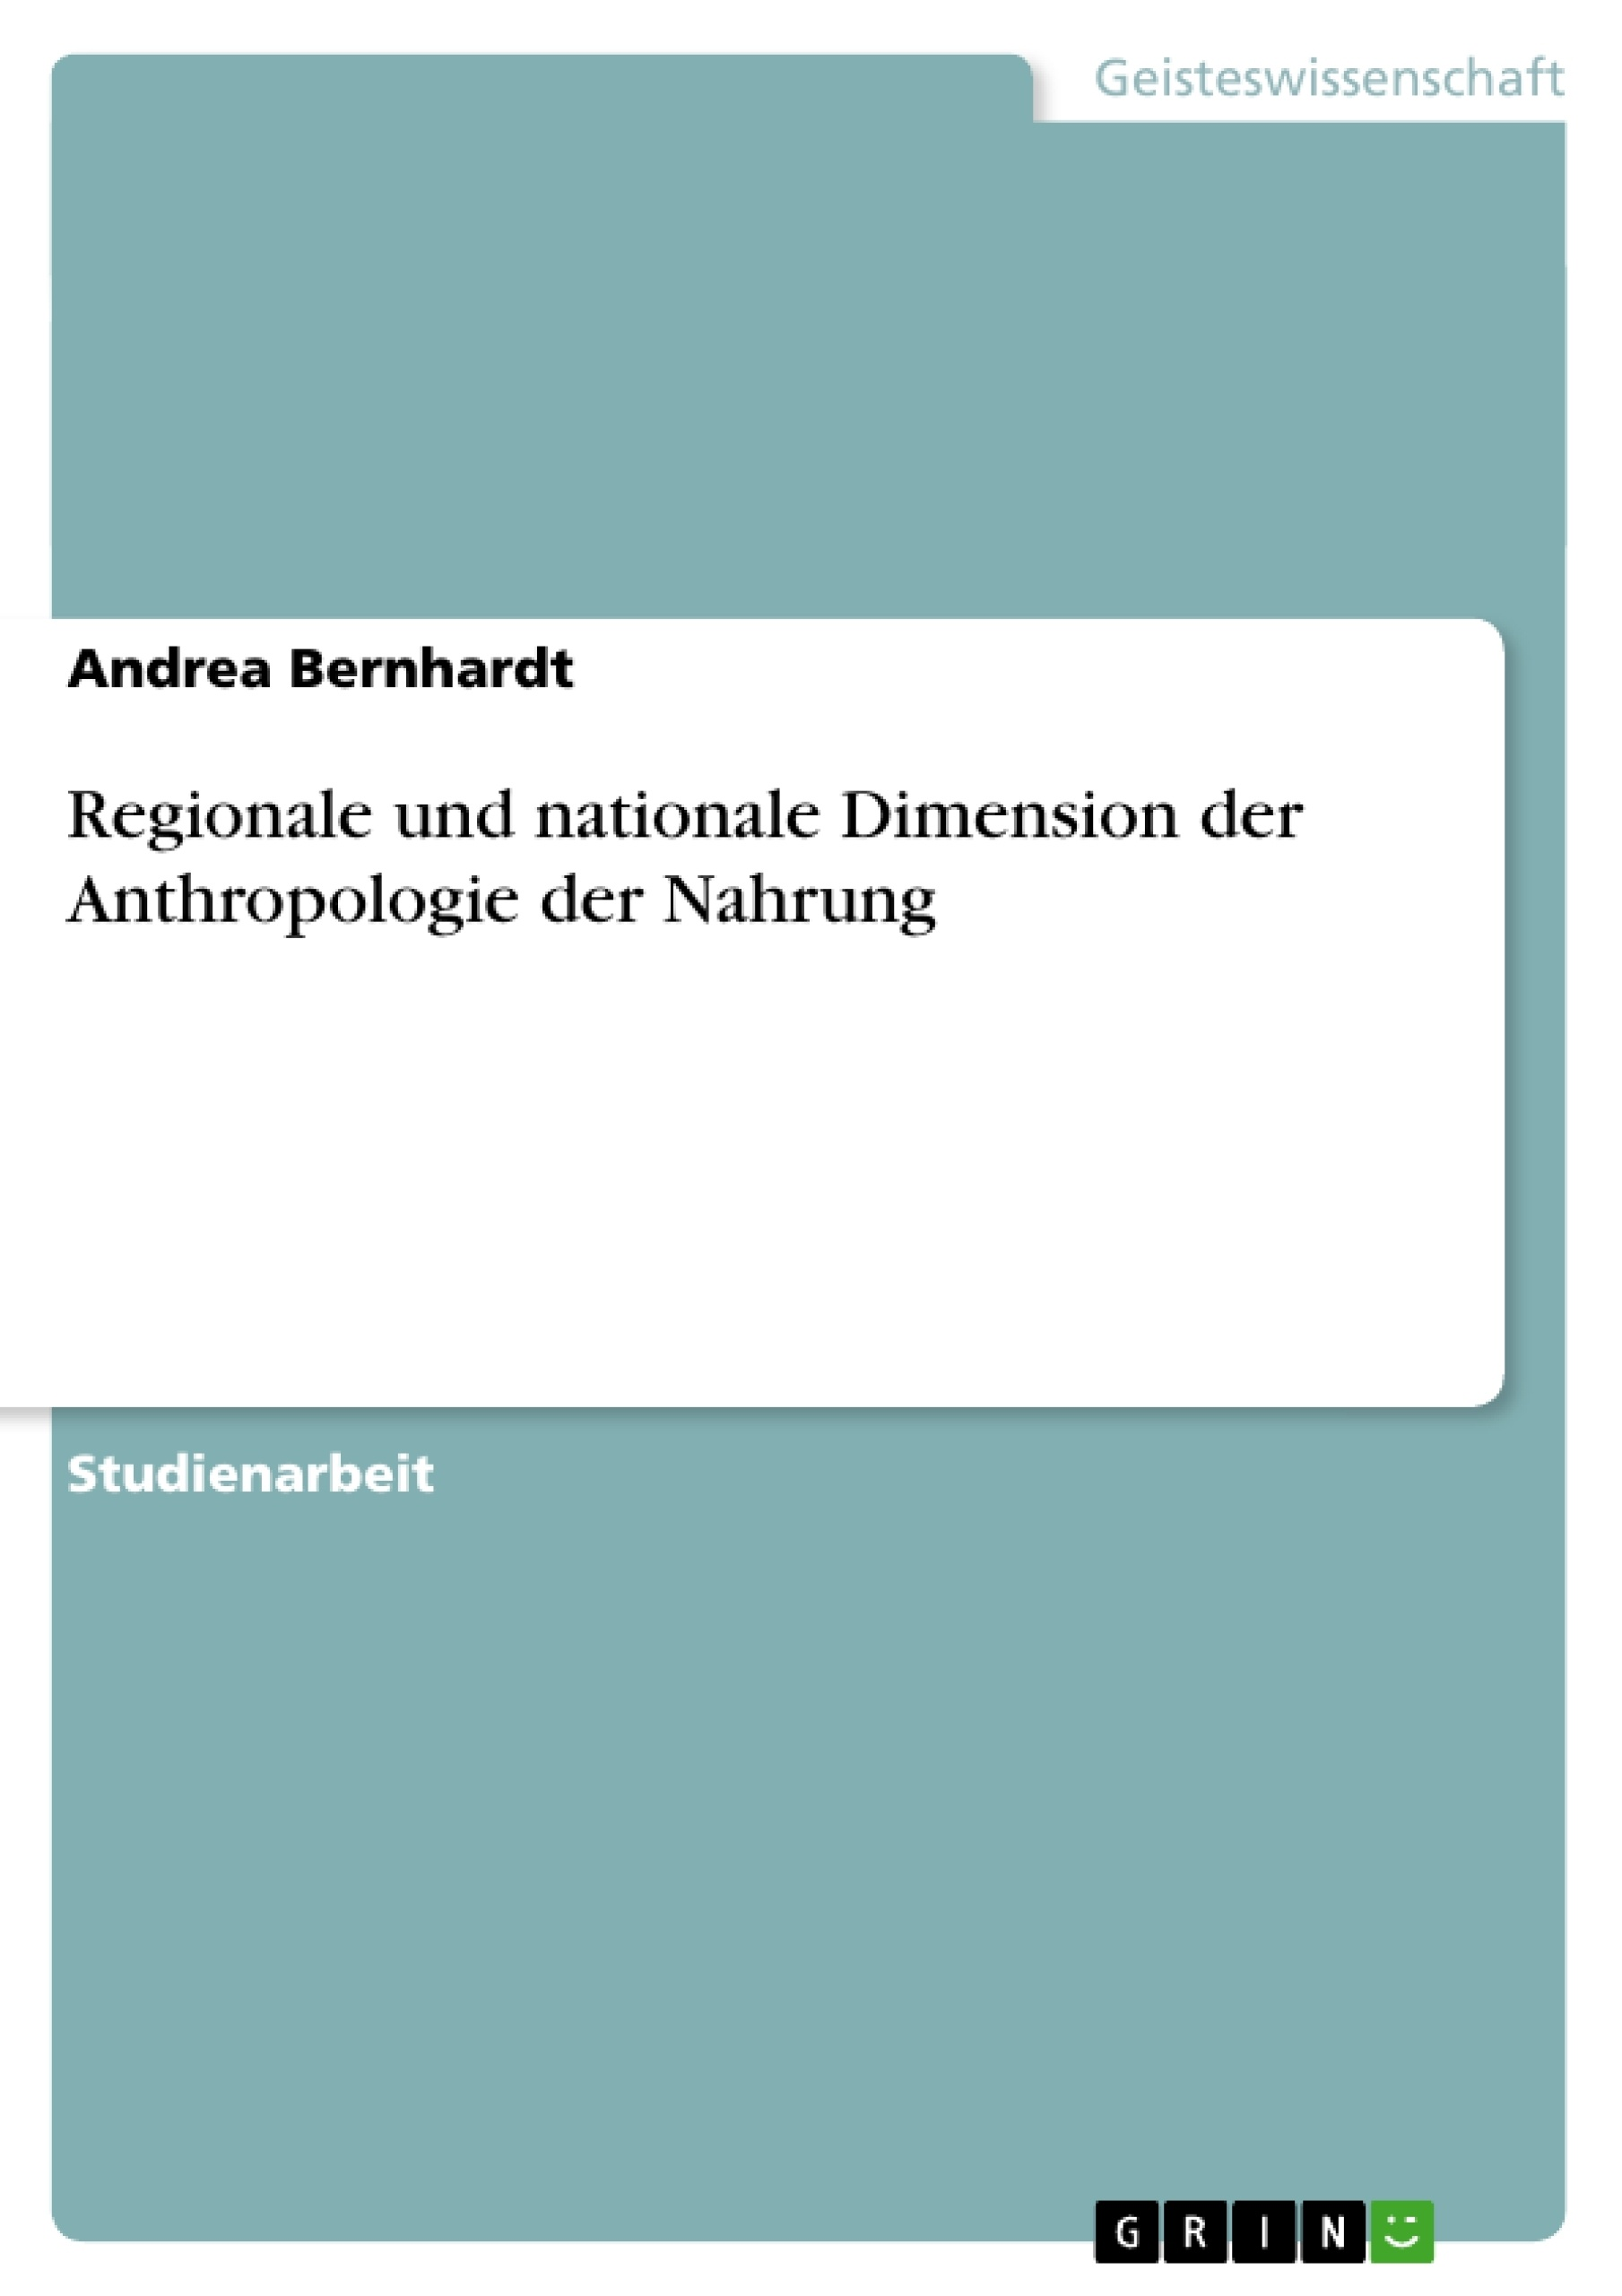 Titel: Regionale und nationale Dimension der Anthropologie der Nahrung